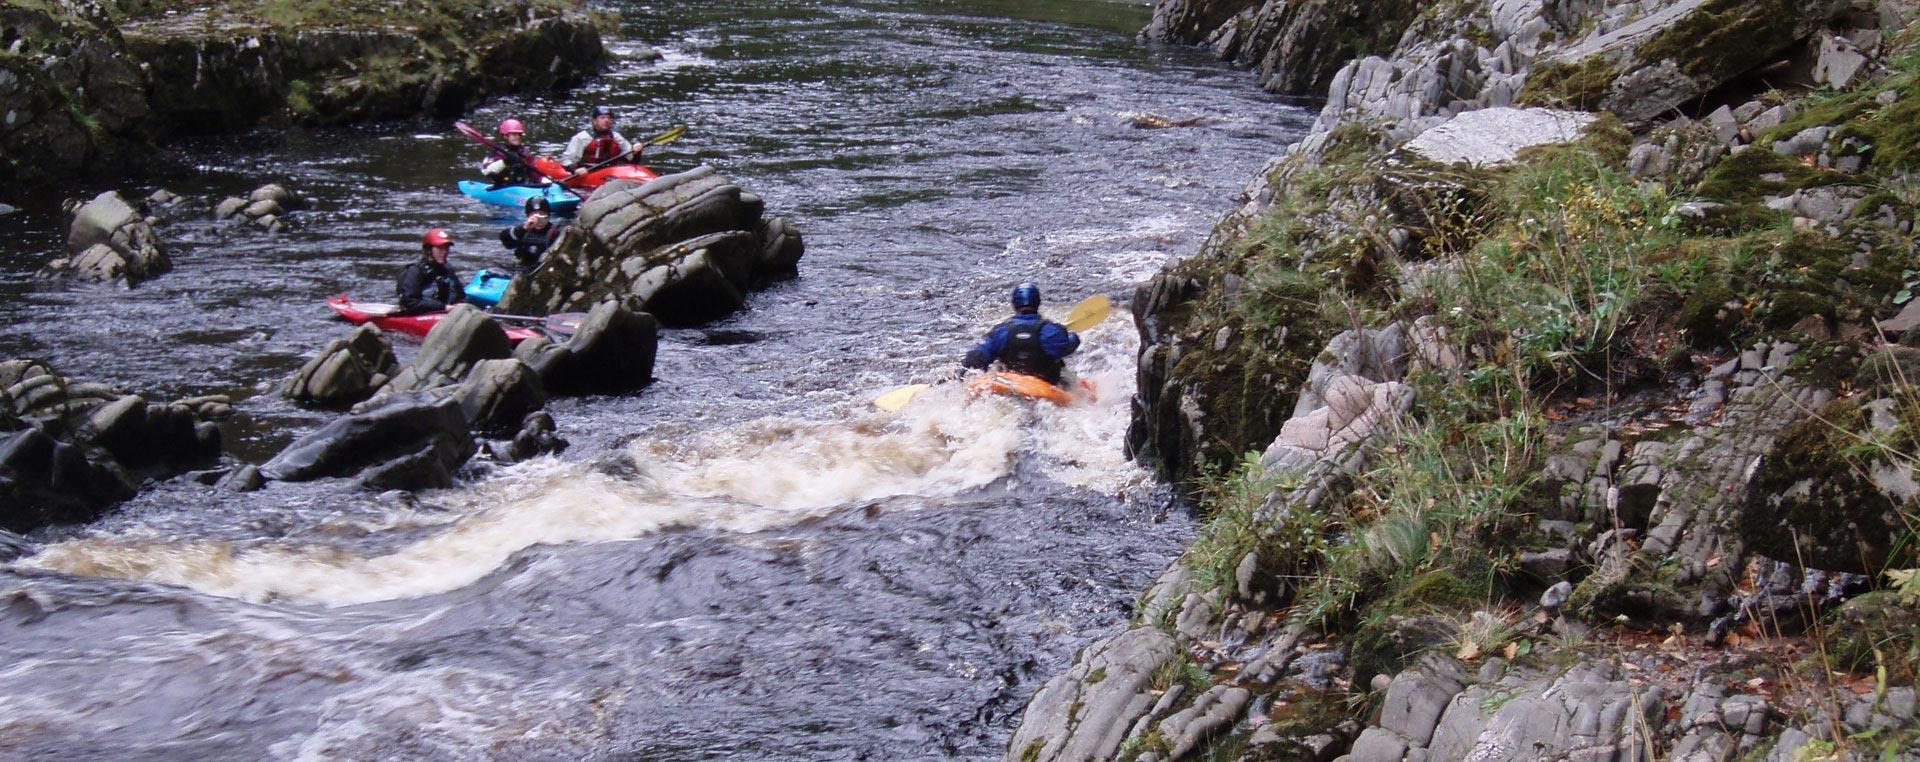 river kayaking scotland